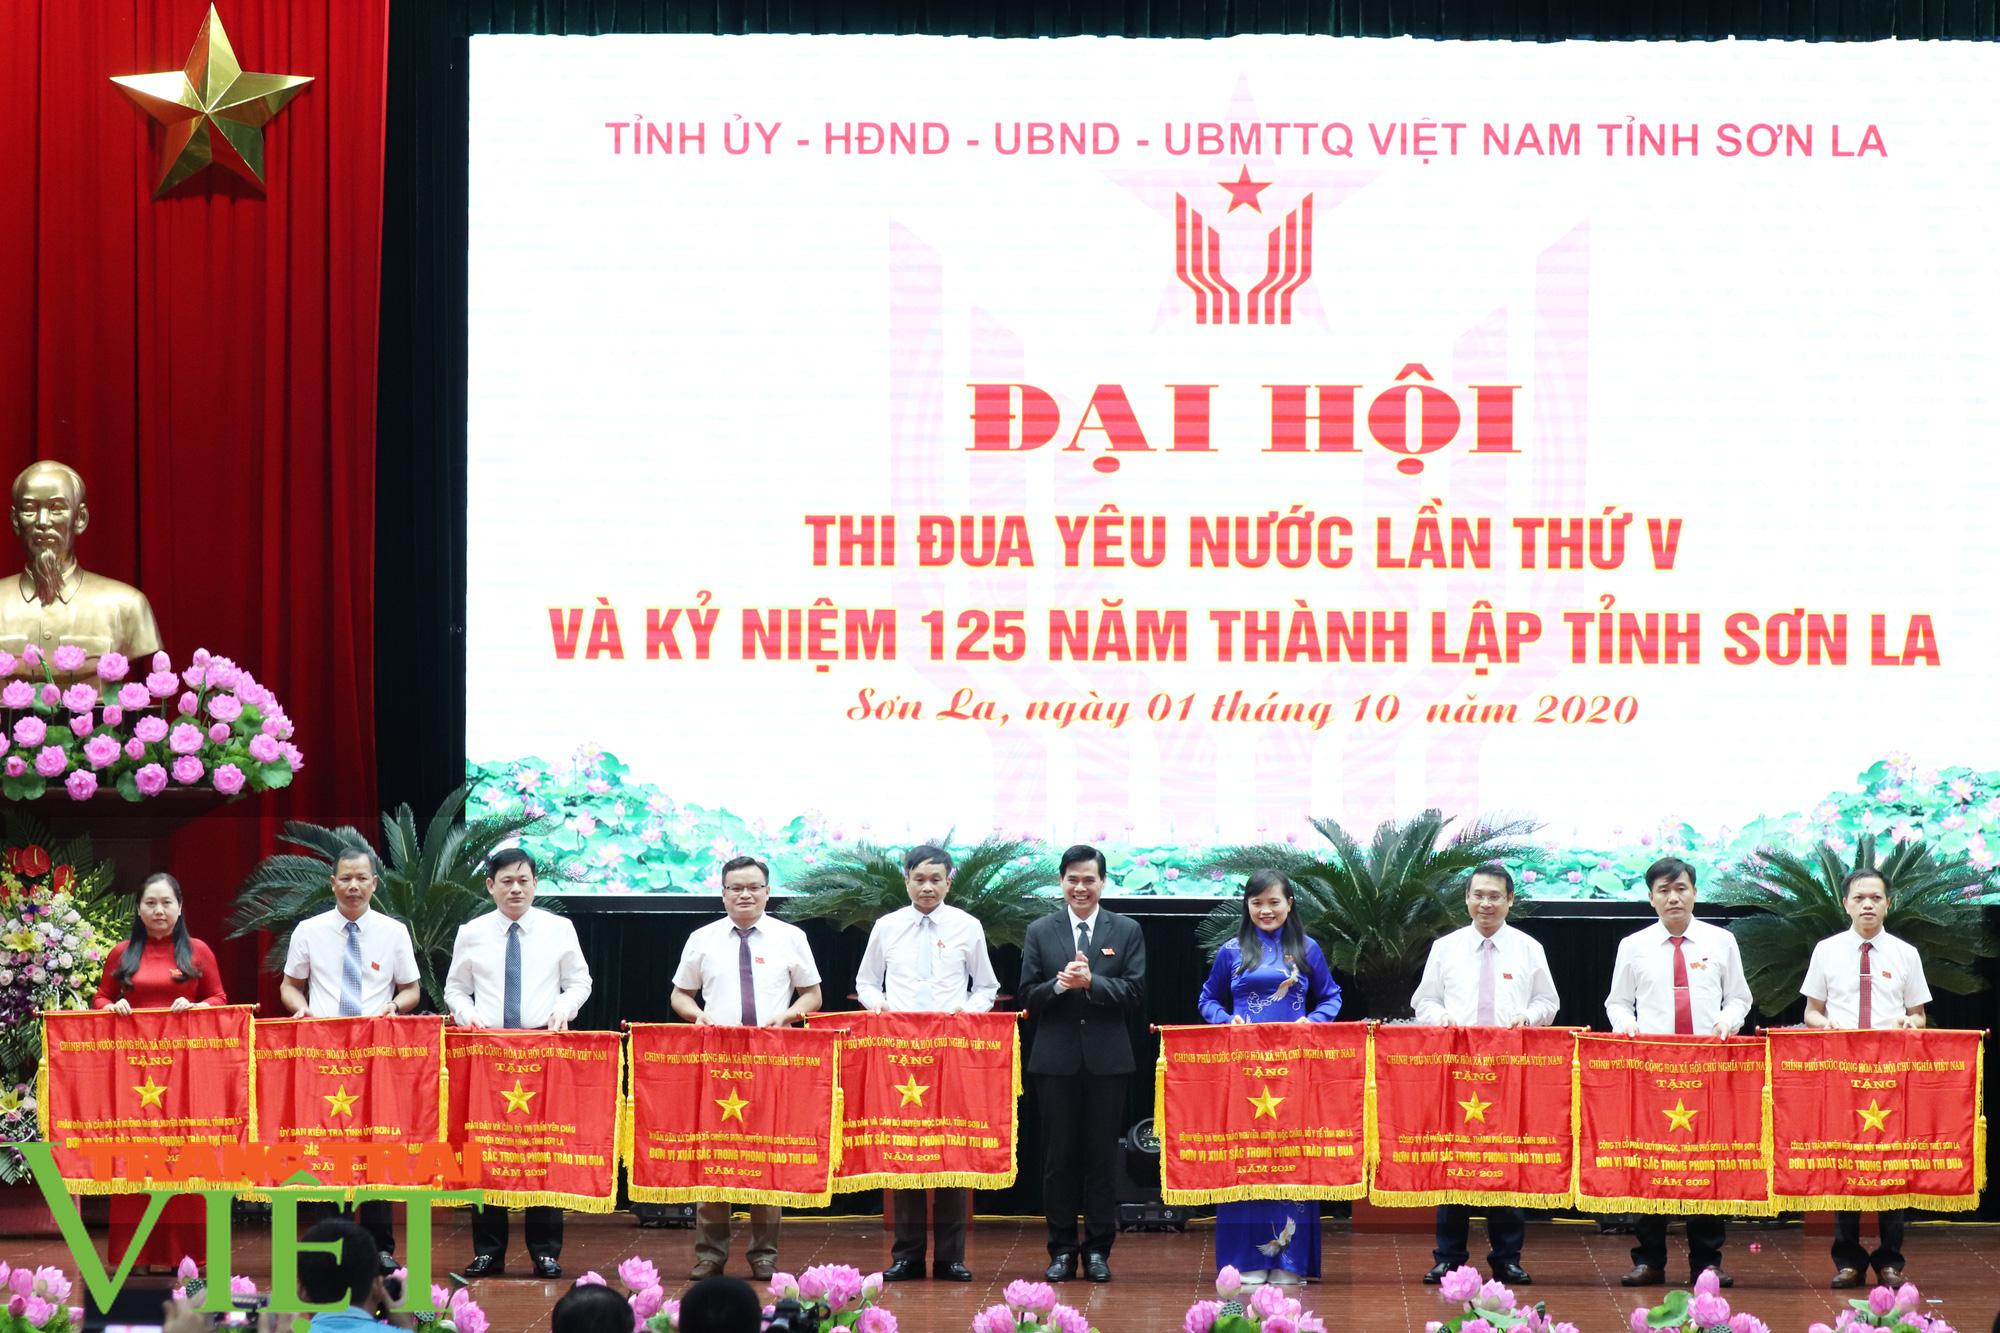 Sơn La tiếp tục triển khai sâu rộng, đồng bộ các phong trào thi đua yêu nước - Ảnh 6.